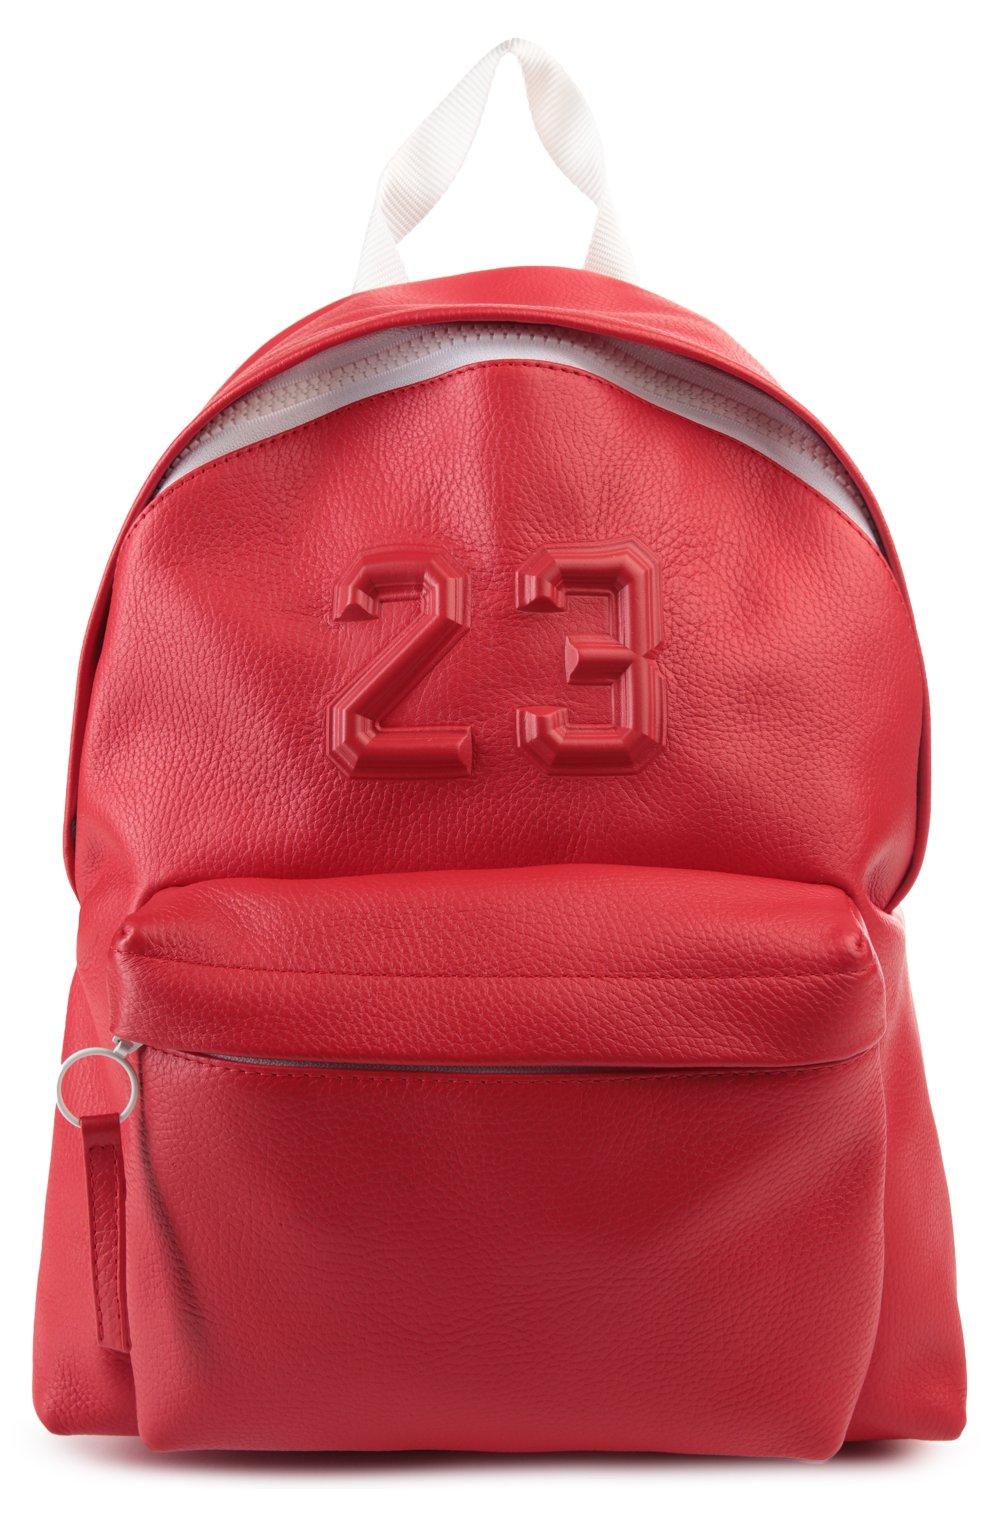 Рюкзак | Фото №1